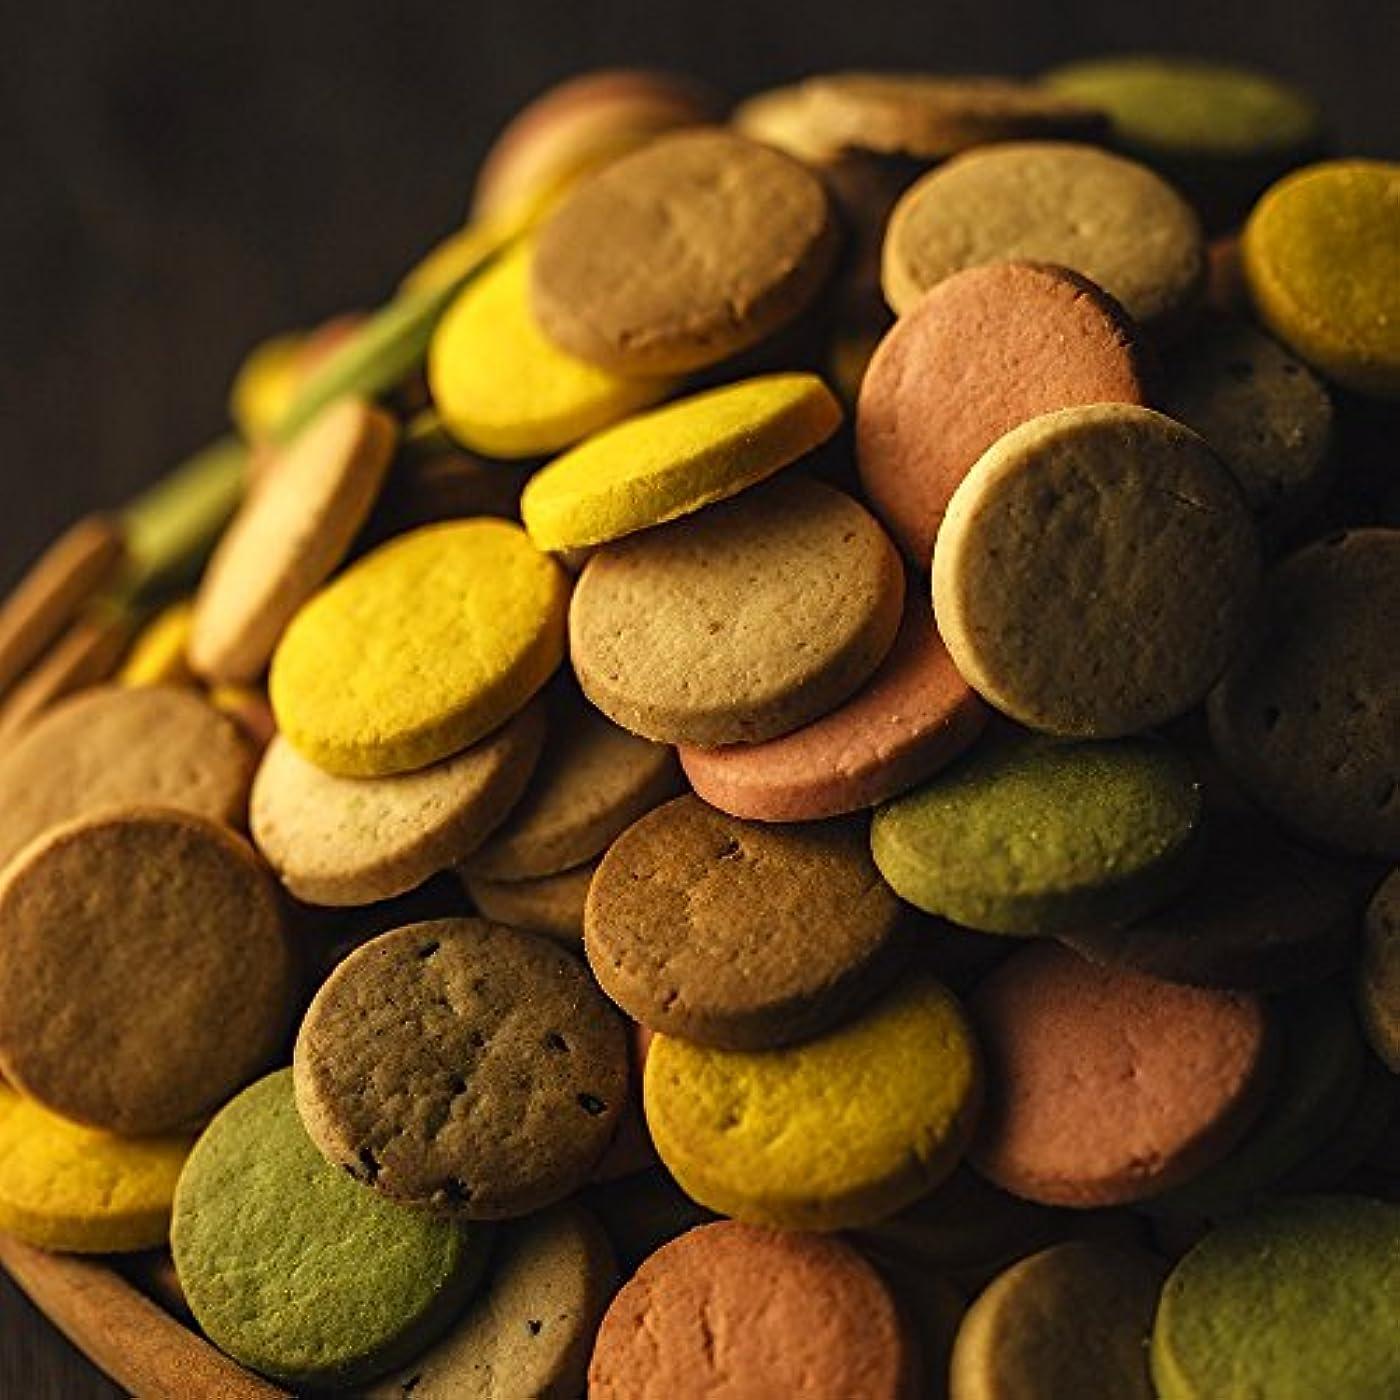 常習的エール印象豆乳おからクッキー蒟蒻マンナン入り 2kg